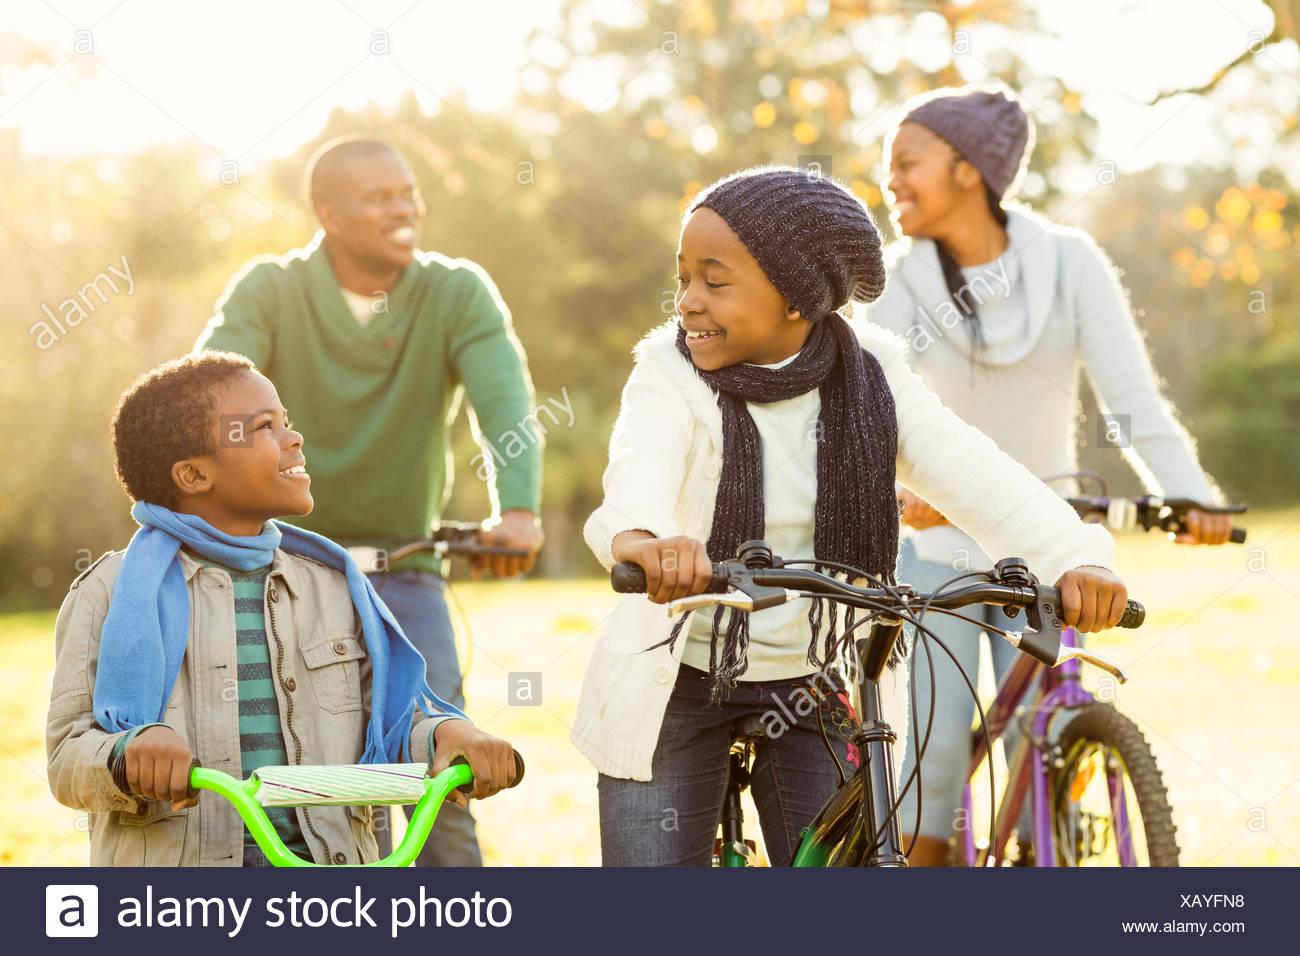 Young Lächeln Familie machen eine Fahrradtour Stockbild